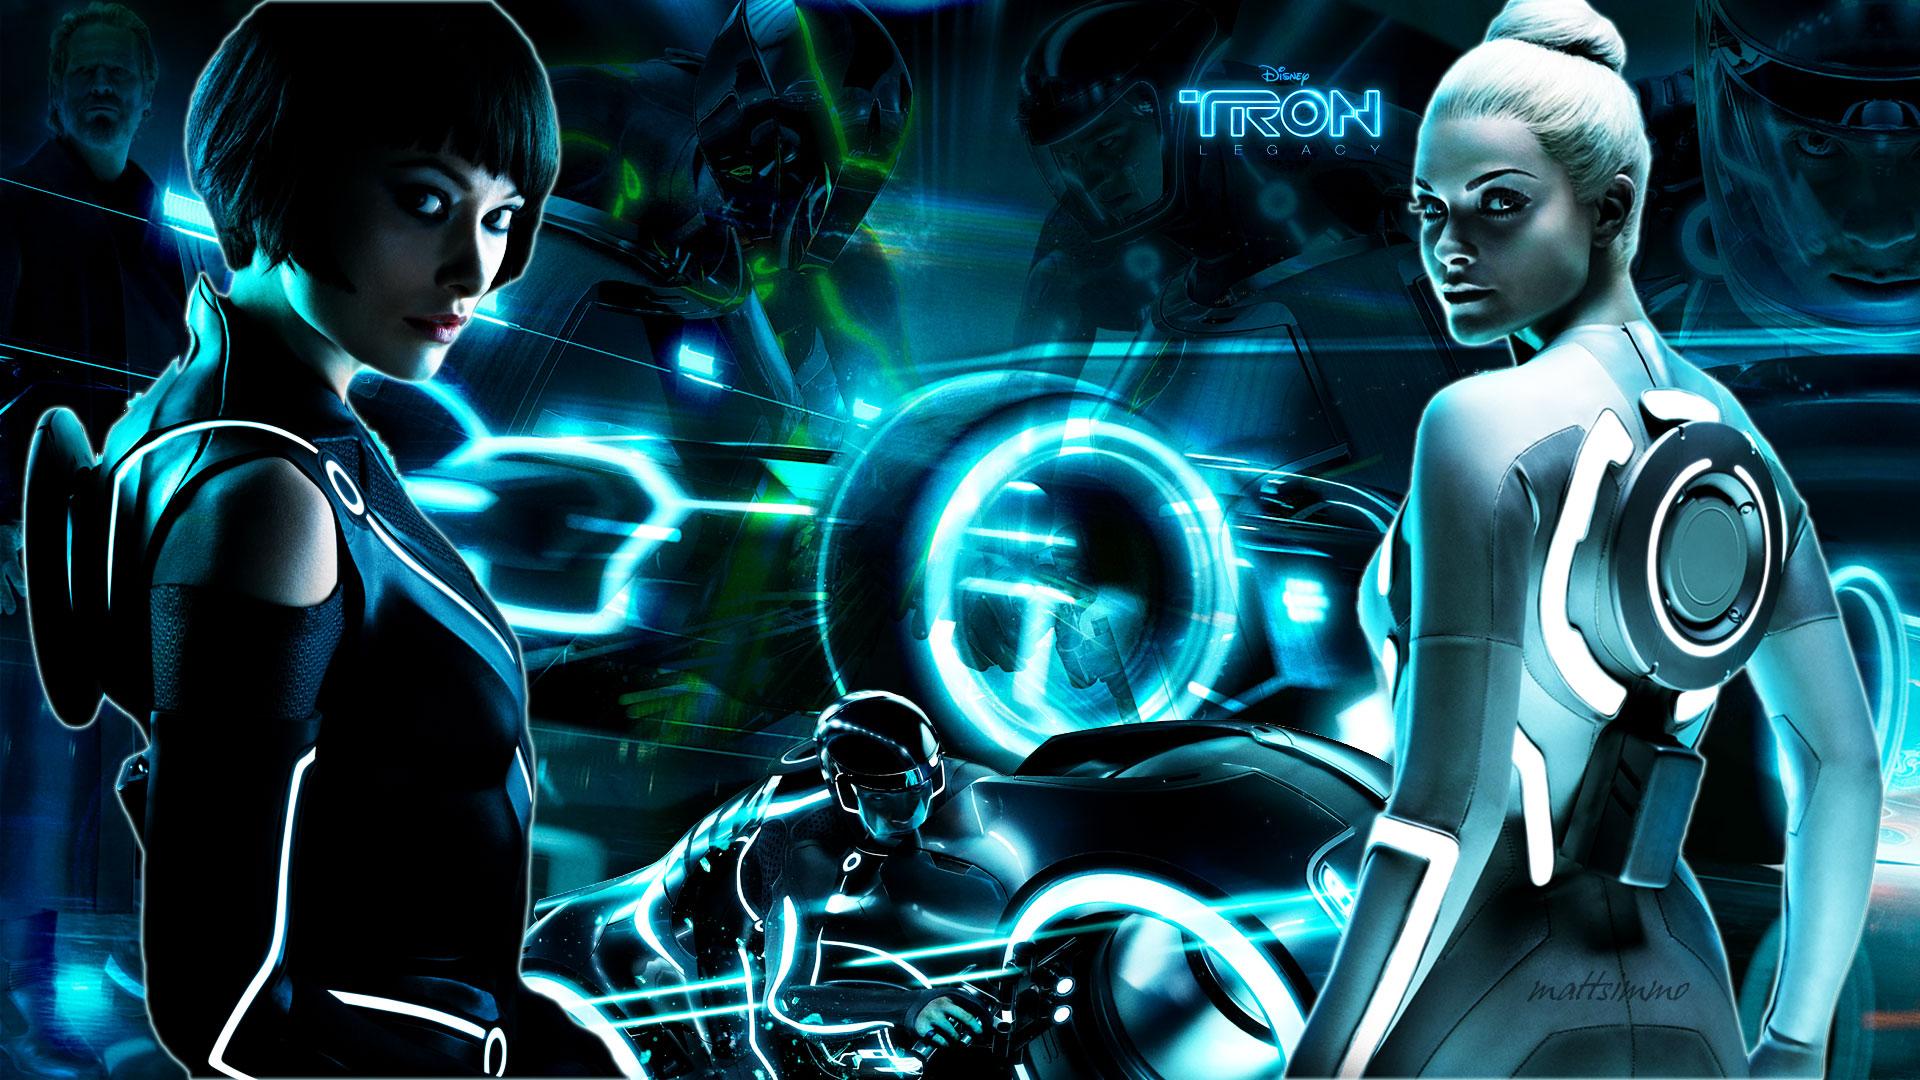 Tron : 電脳映画「トロン」通算第3作めの製作と主演をつとめるジャレッド・レトが、まだ言ってはいけない題名をウッカリ発表してしまったかもしれない大失敗‼️😅